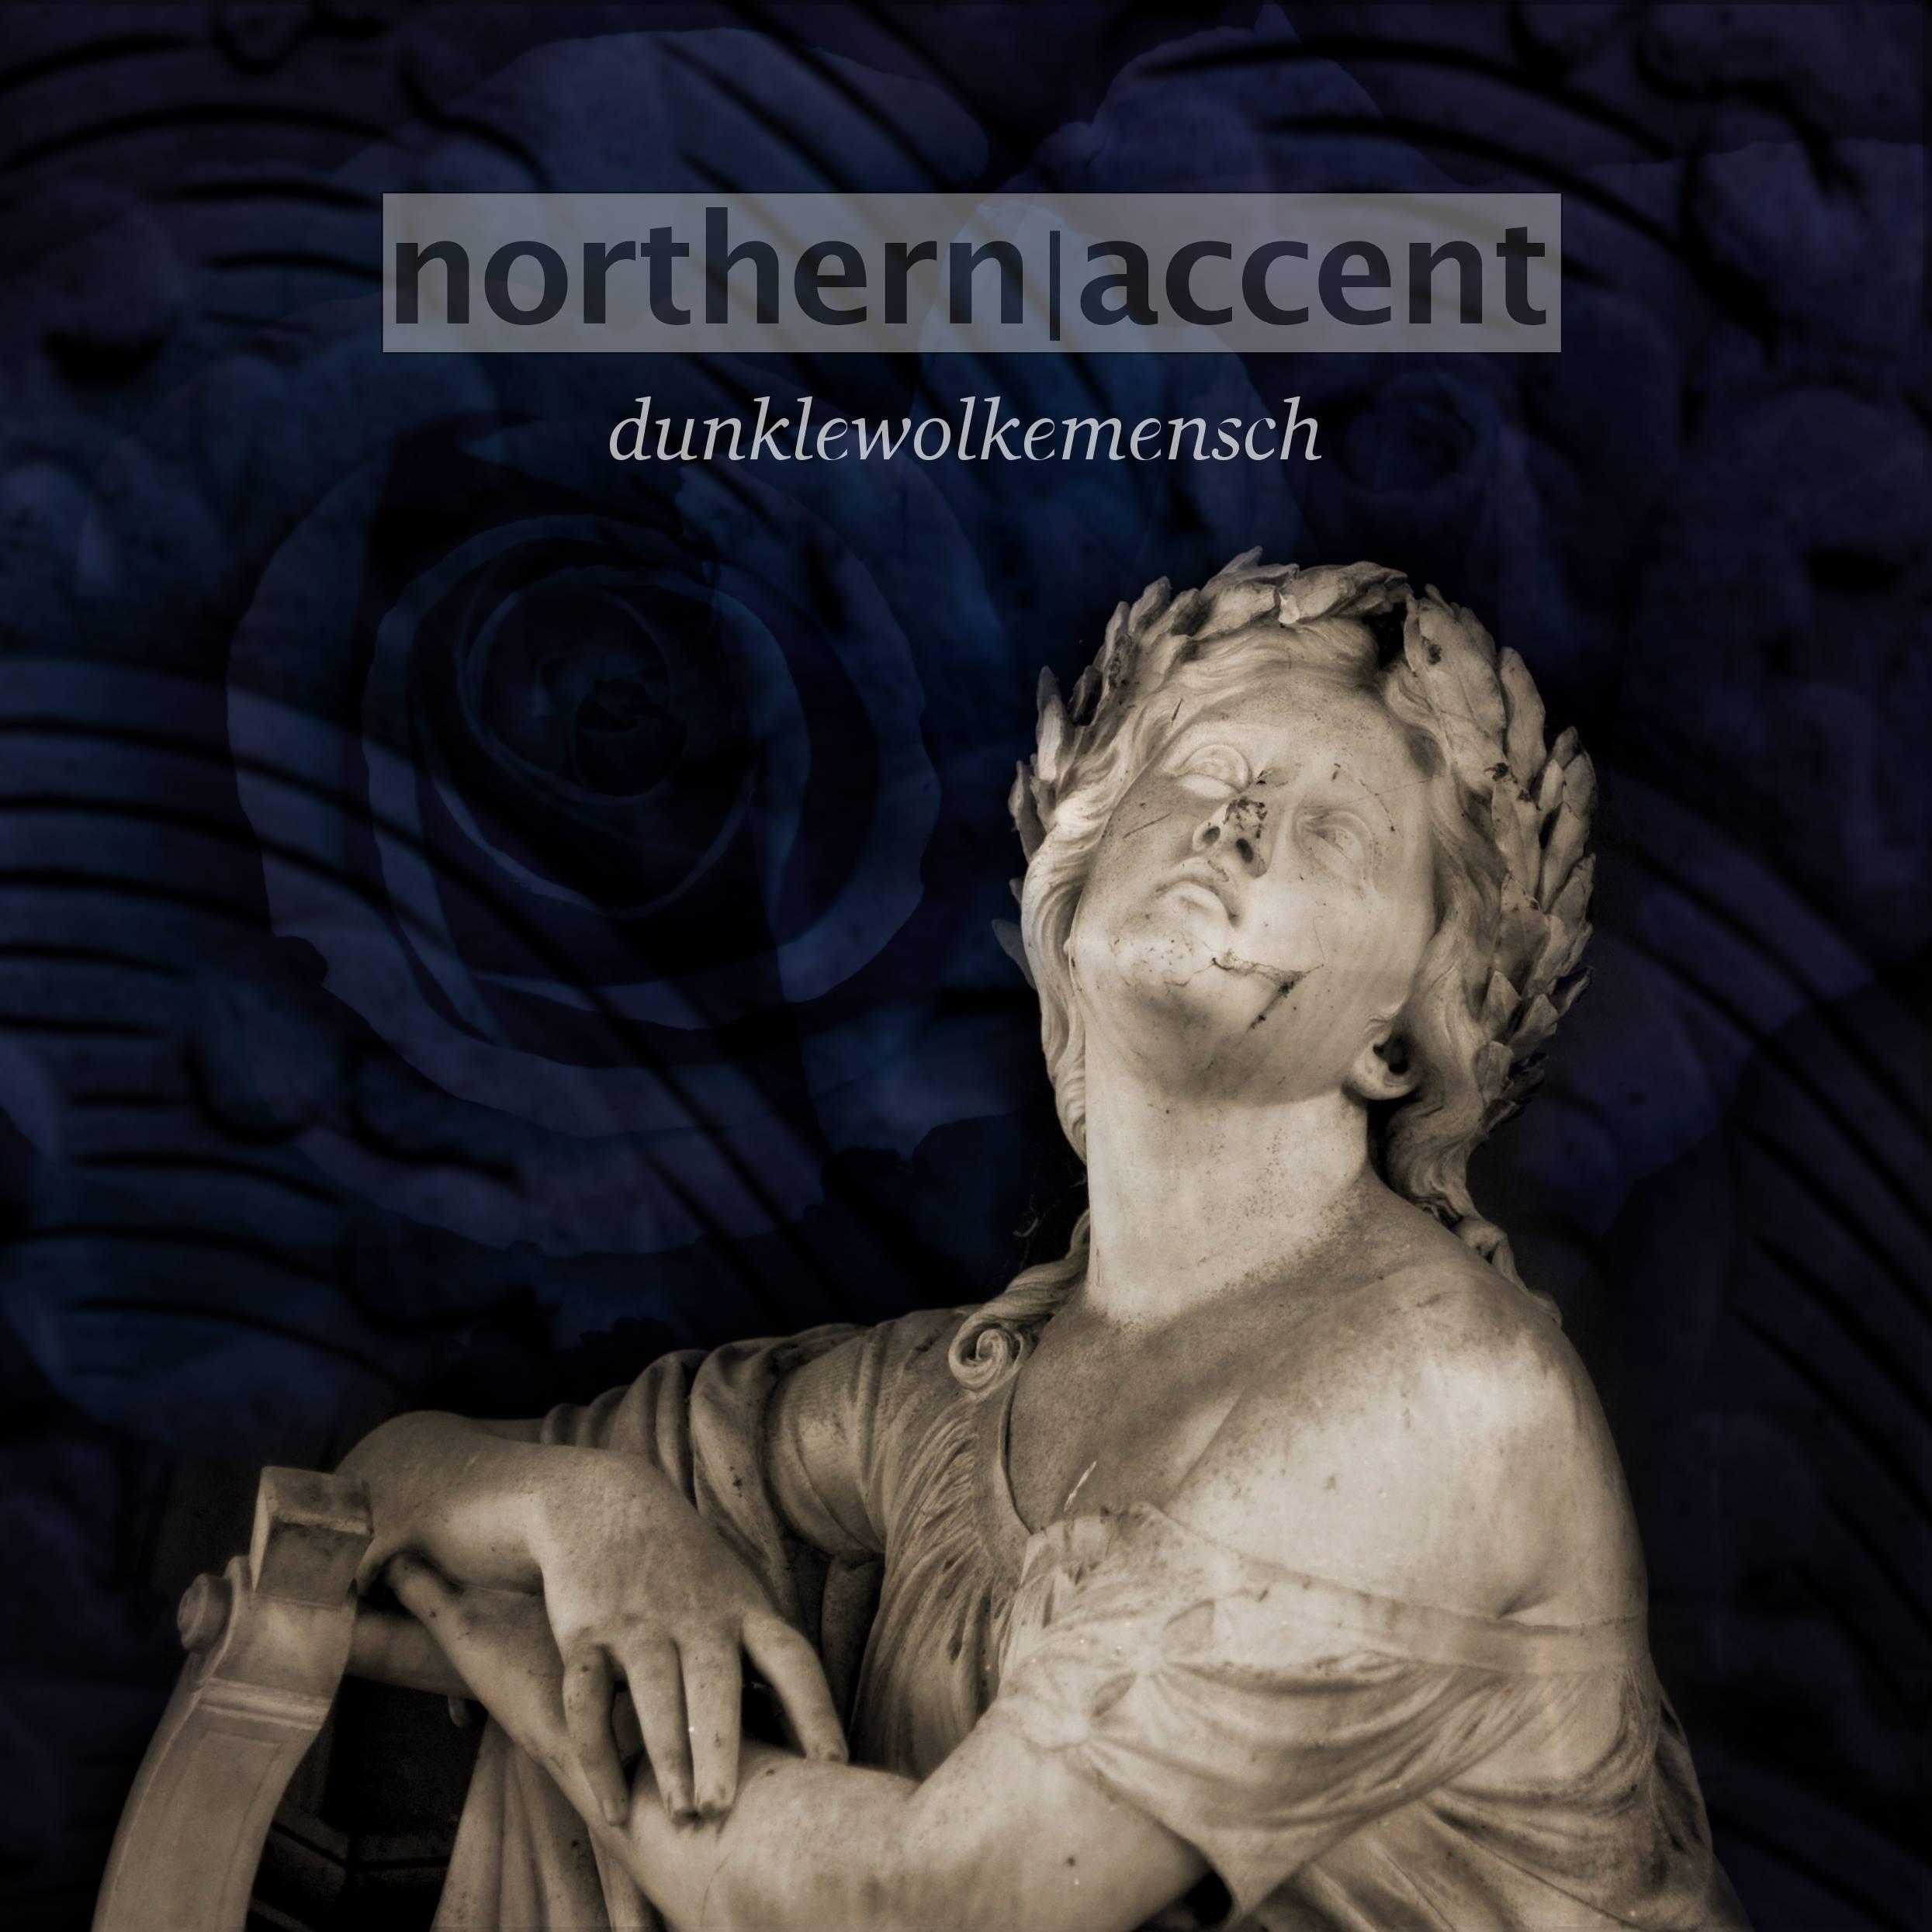 Northern Accent - Dunkel Wolke Mensch.jpg